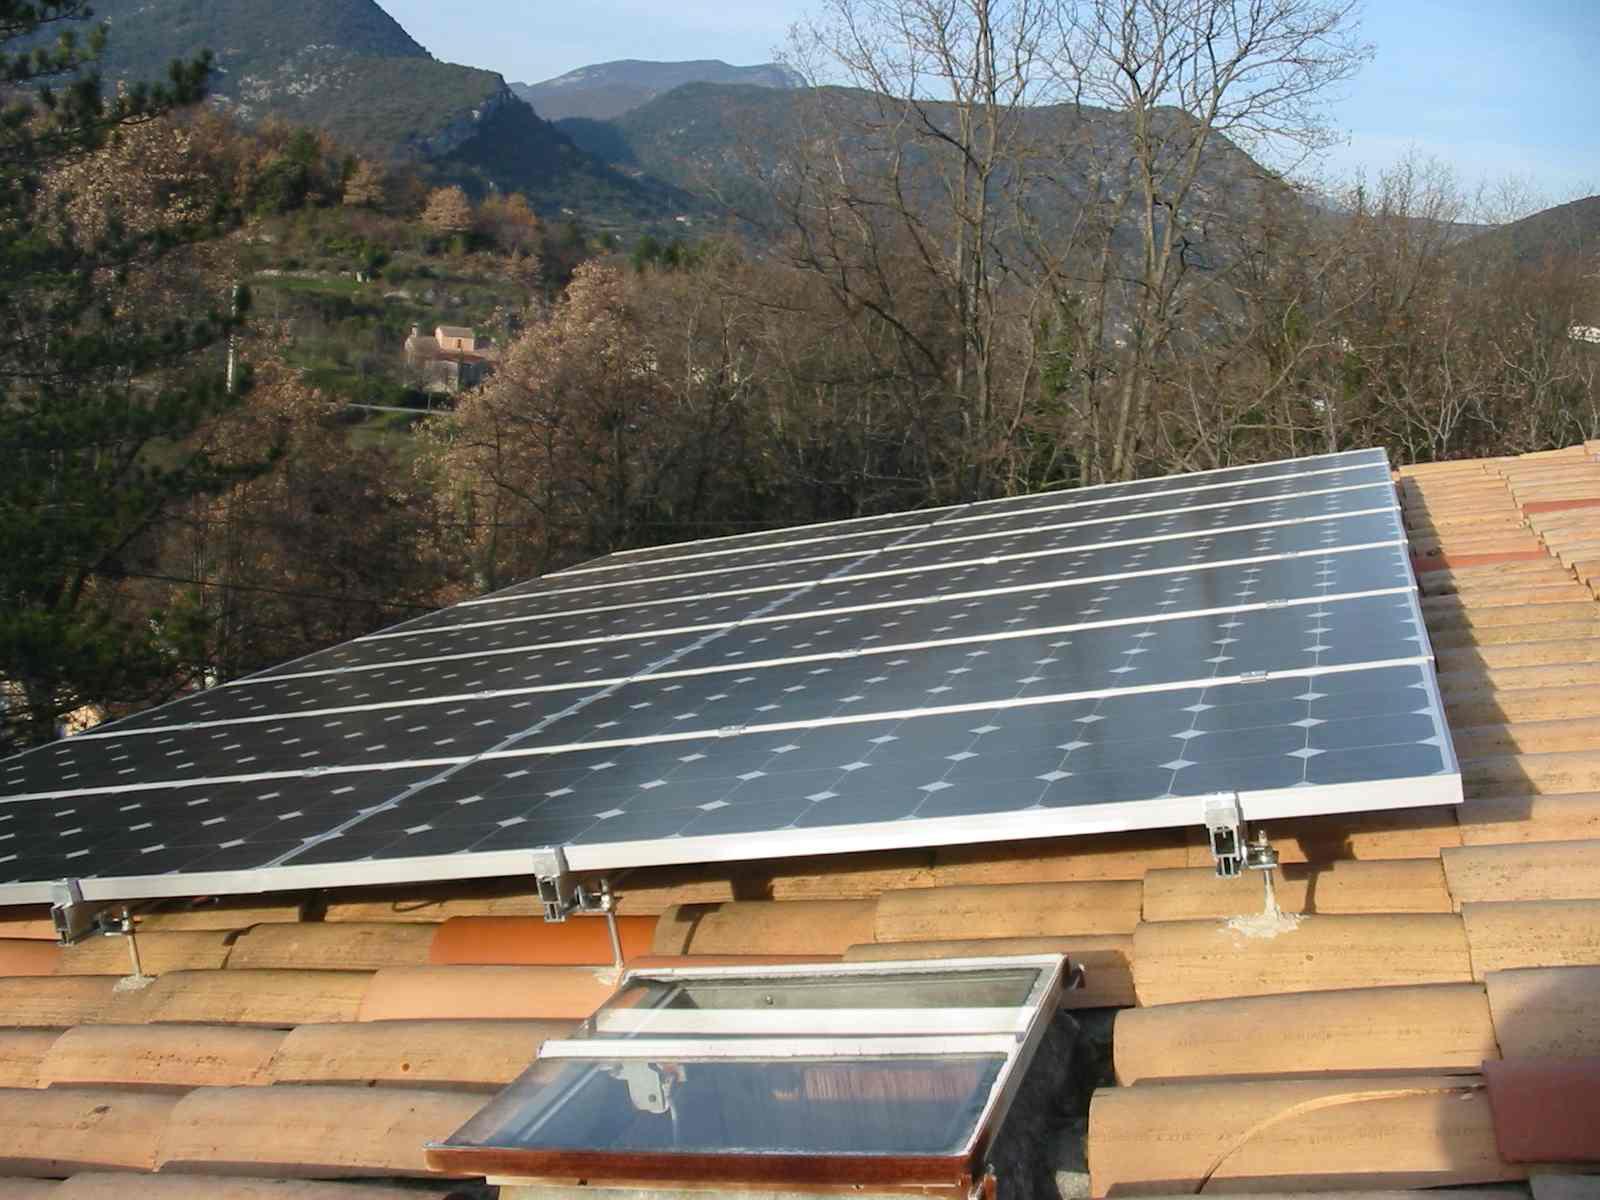 enersun modules photovolta ques sur toiture existante. Black Bedroom Furniture Sets. Home Design Ideas